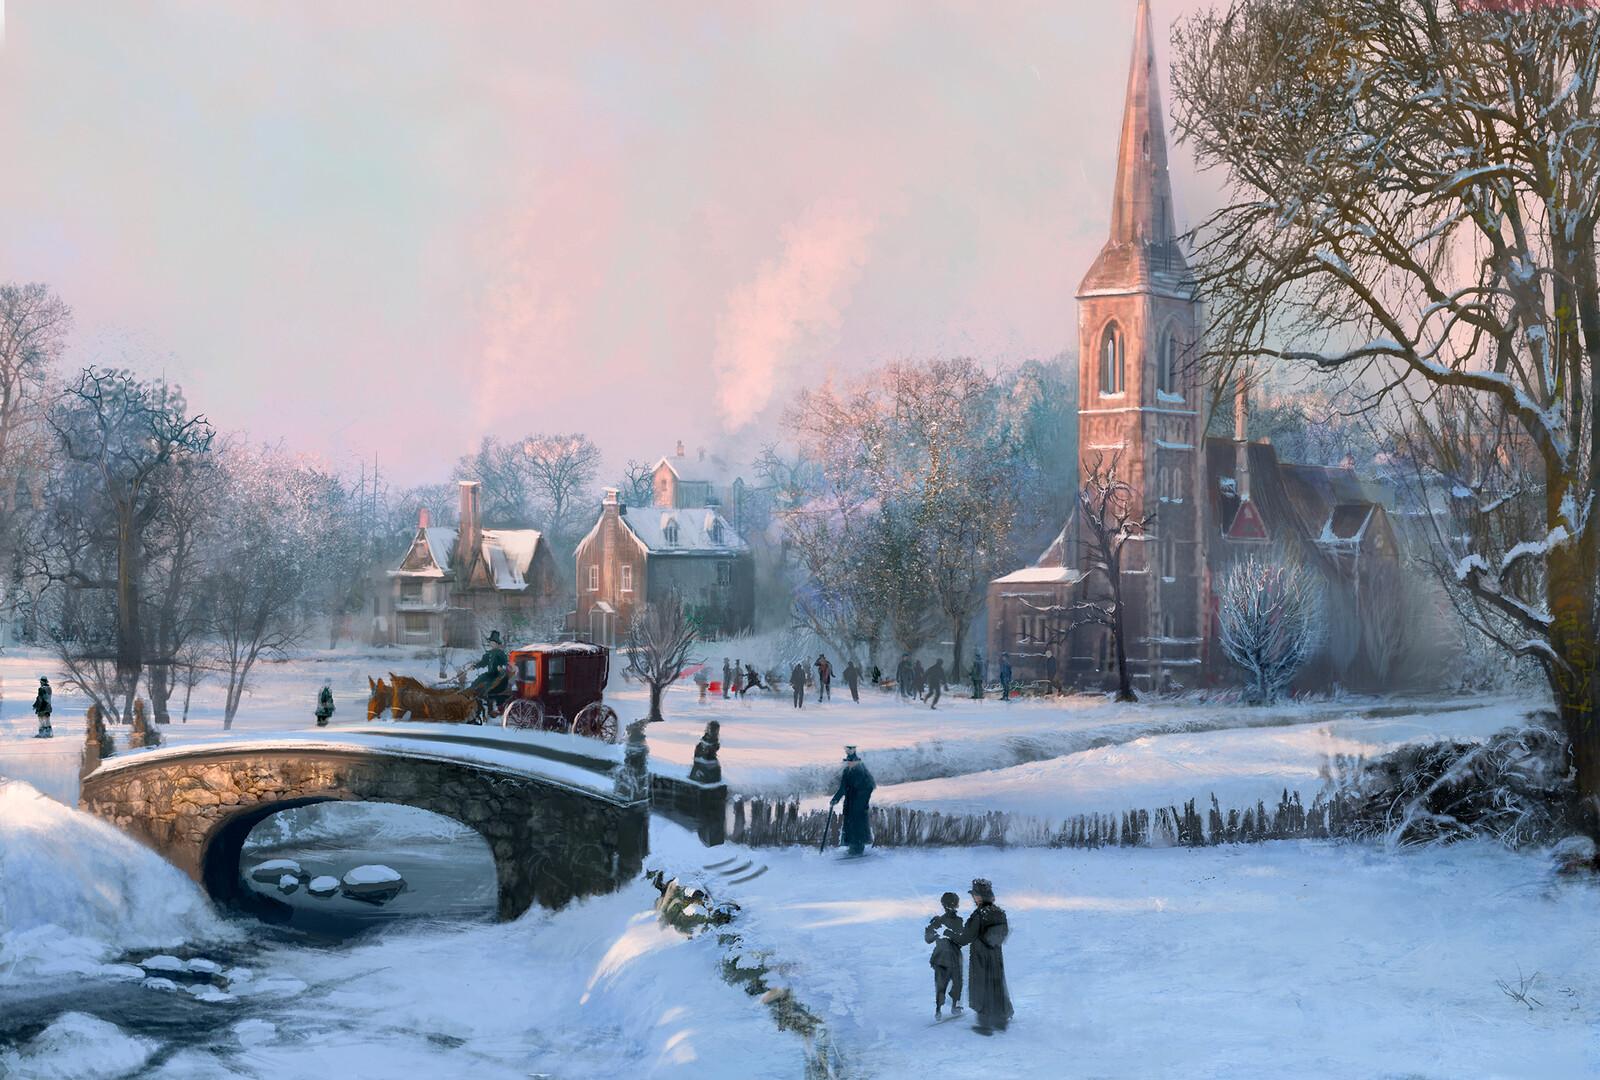 Christmas Carol Town